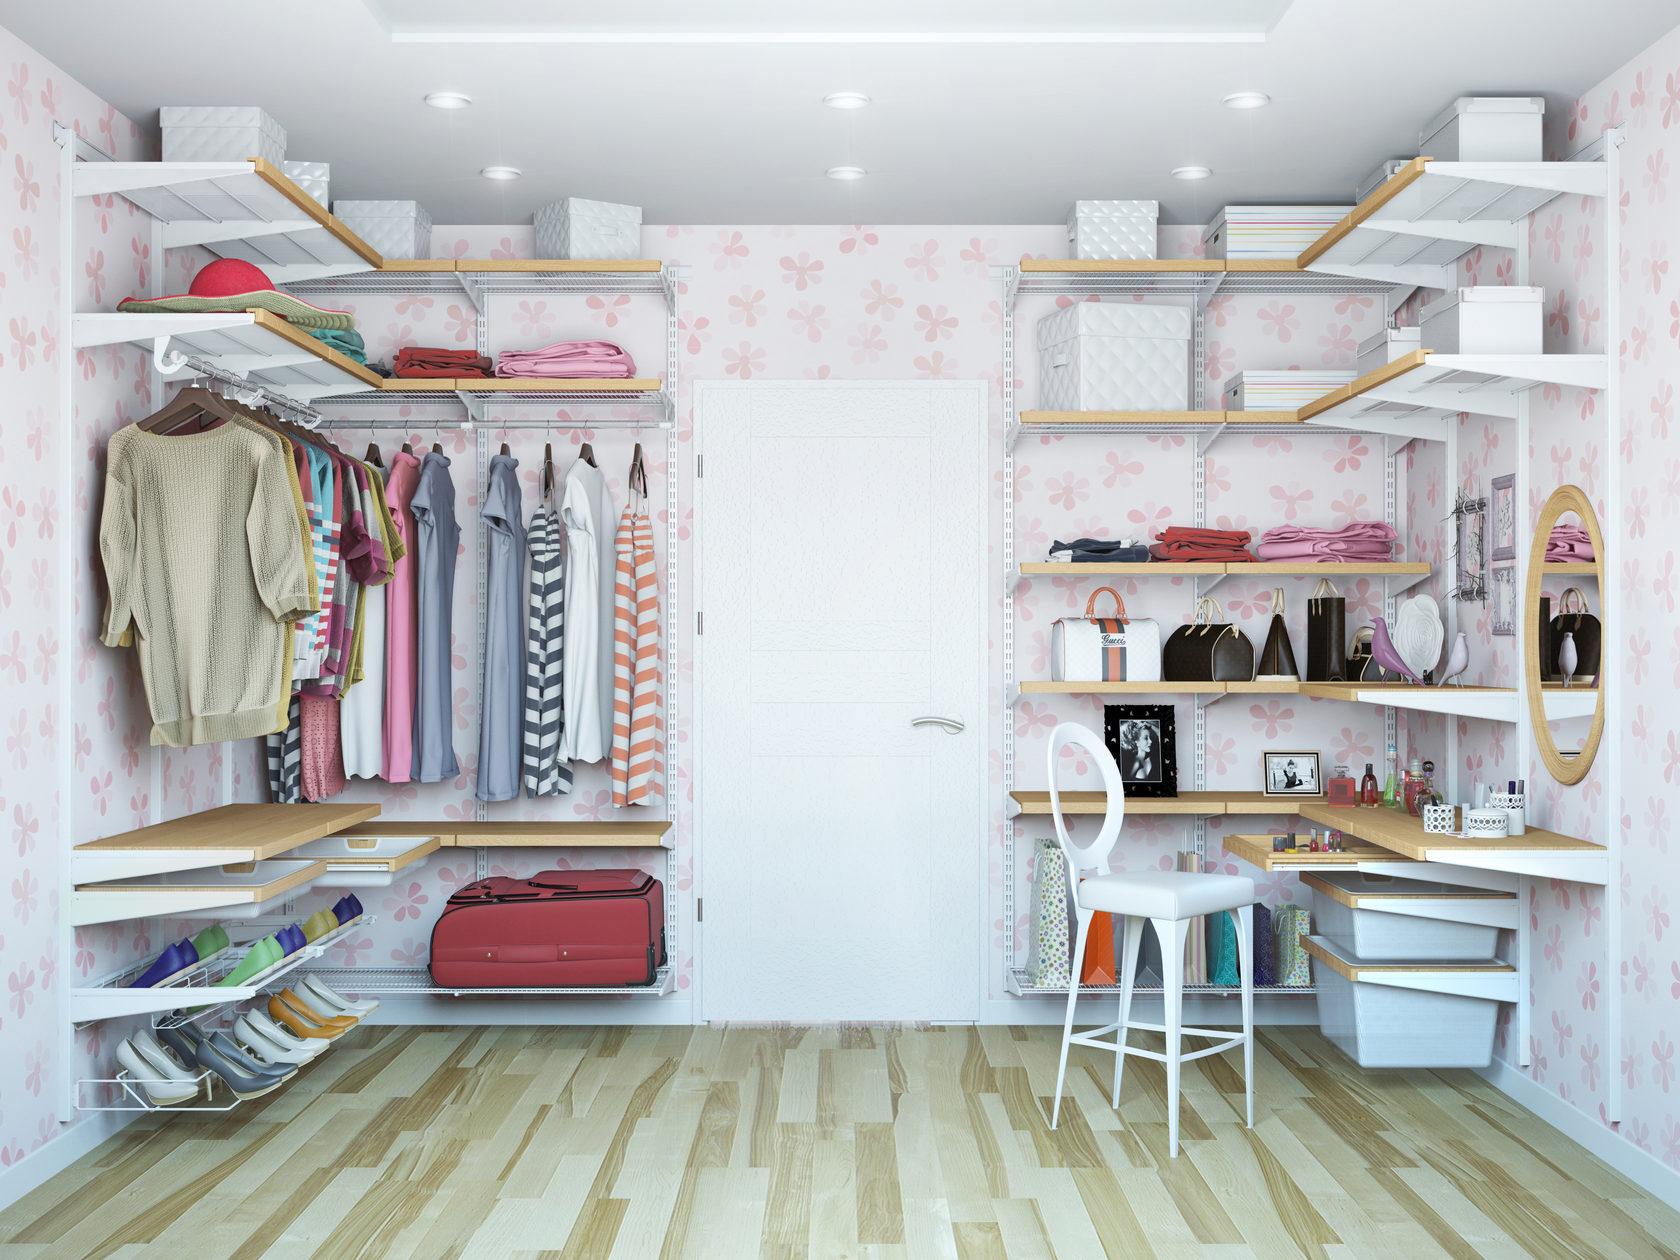 Организация гардеробной своими руками может стать местом для уединения и мечтаний